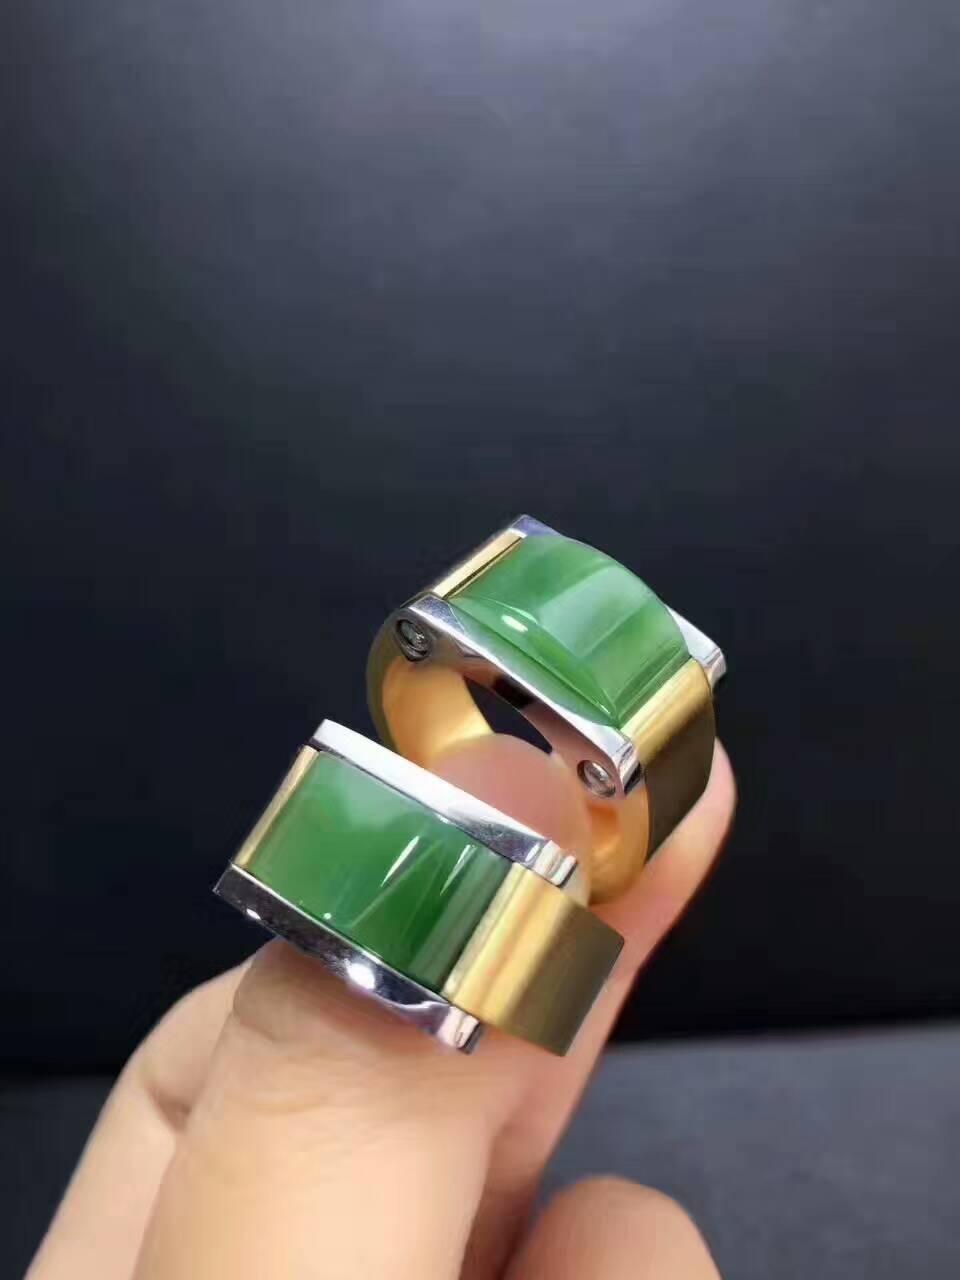 Природные bluestone мужской стальное кольцо, властная, материал цвет очень положительно,/1